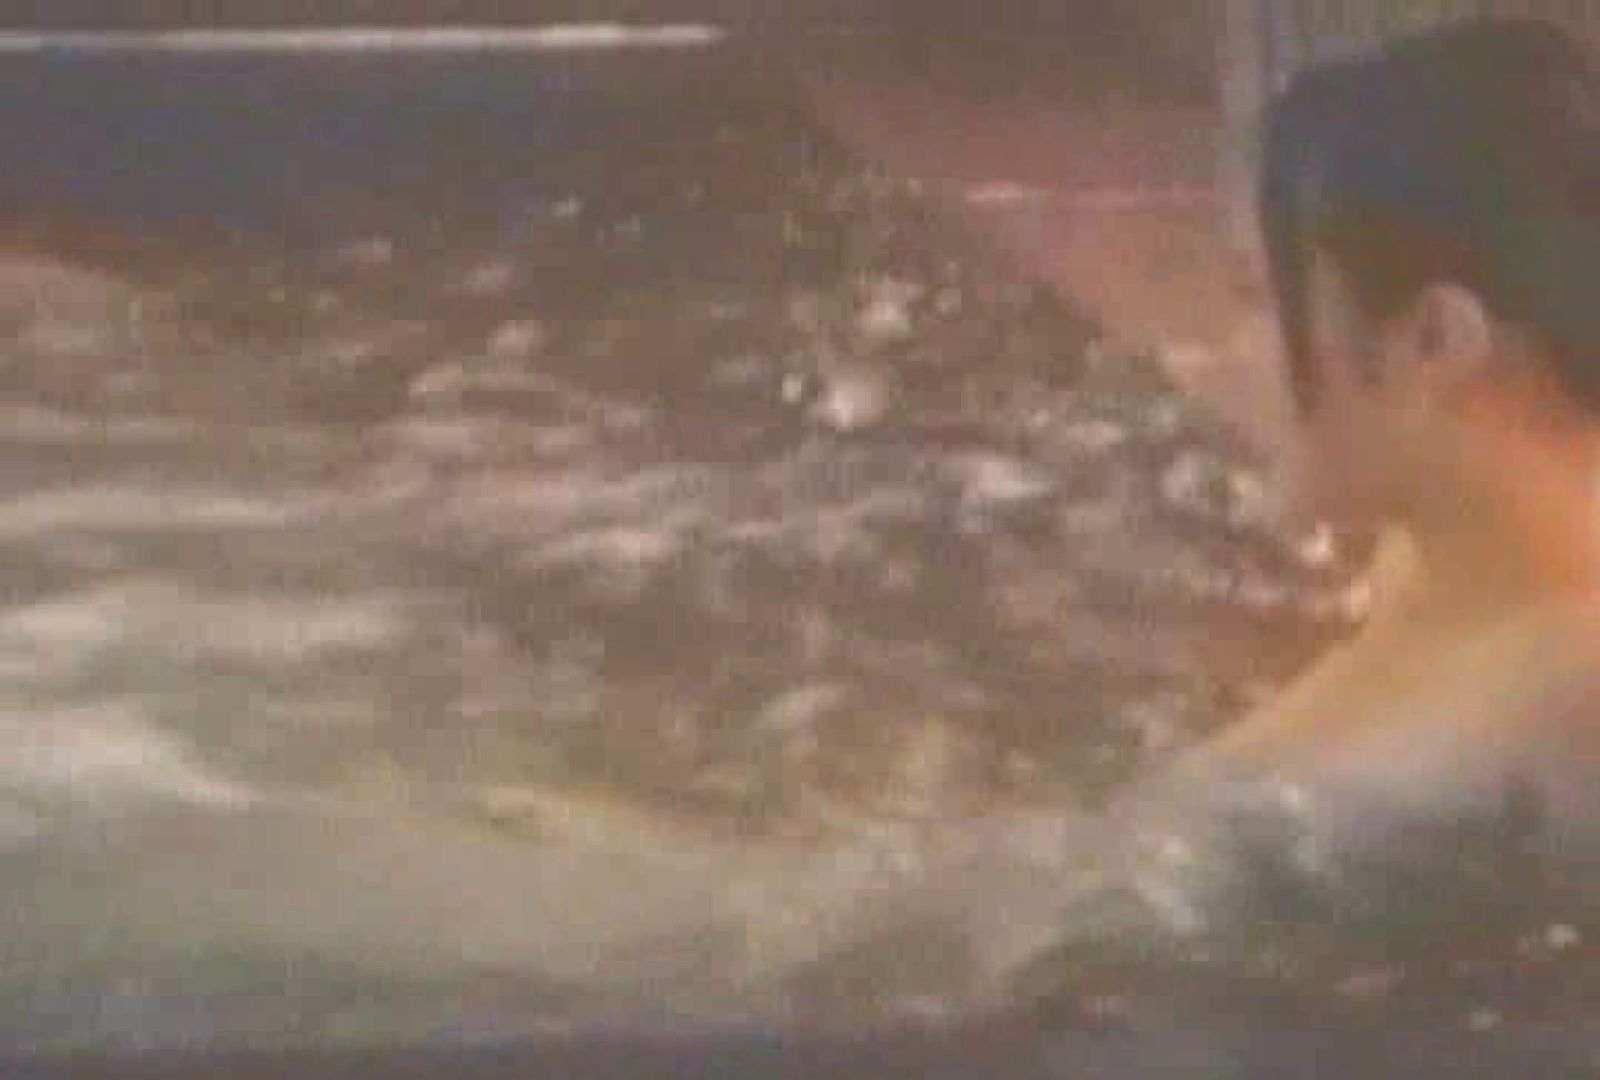 素人投稿シリーズ 盗撮 覗きの穴場 大浴場編  Vol.2 投稿物 えろ無修正画像 96連発 88